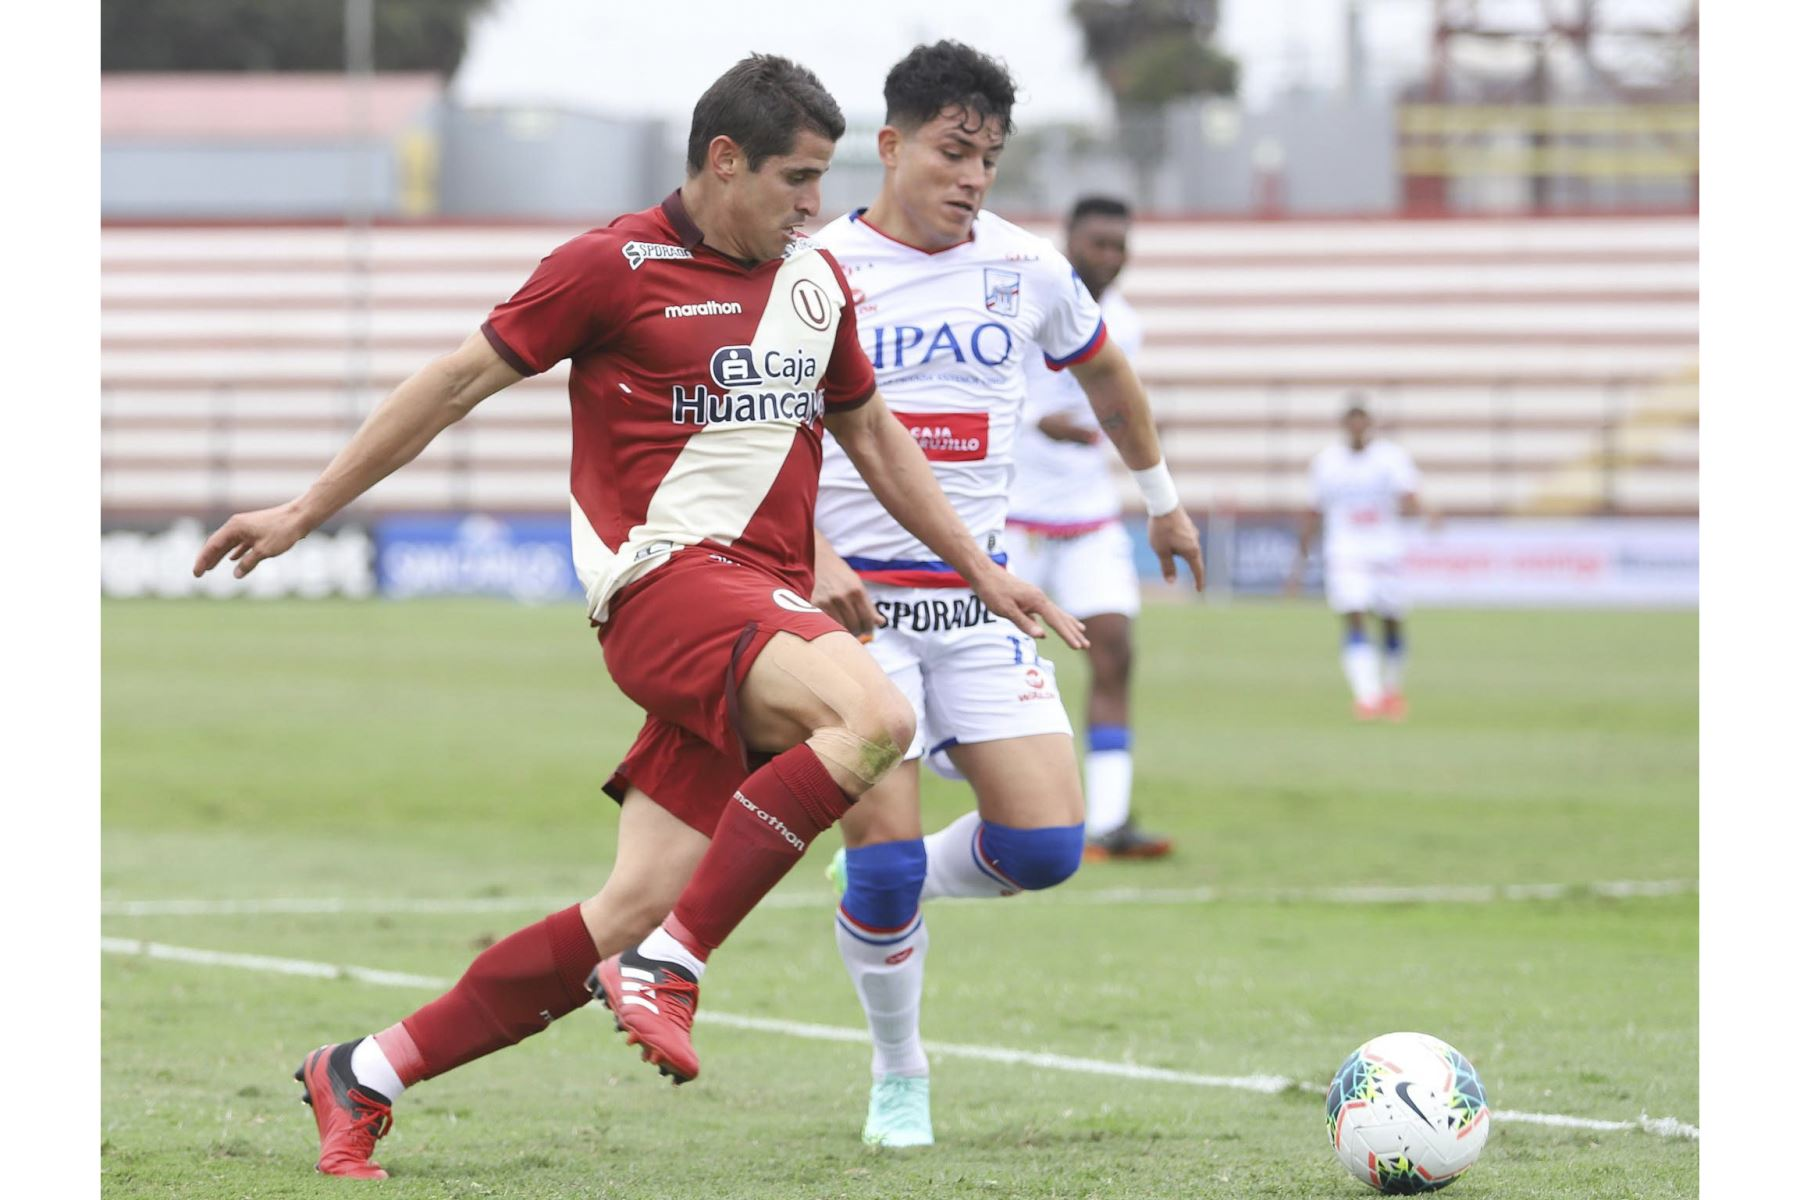 Aldo Corzo de Universitario disputa el balón ante la marca de su rival de Carlos Manucci durante partido por la tercera fecha de la Liga 1, en el Estadio Miguel Grau. Foto: Liga 1